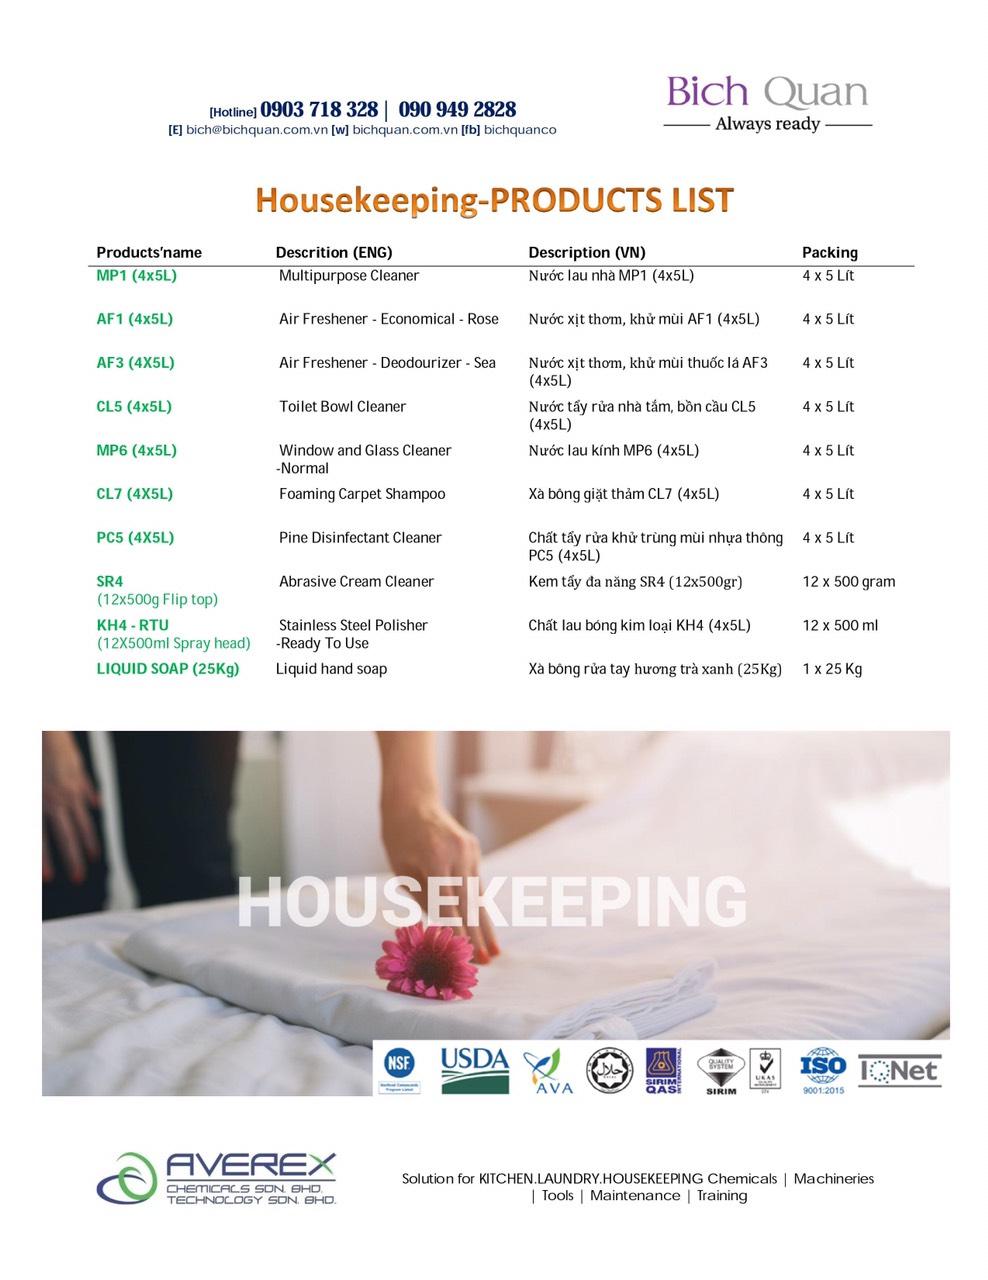 HOUSEKEEPING Chemicals-Hóa chất vệ sinh tẩy rửa công nghiệp cho nhà hàng, khách sạn, công ty, bệnh viện, trường học....